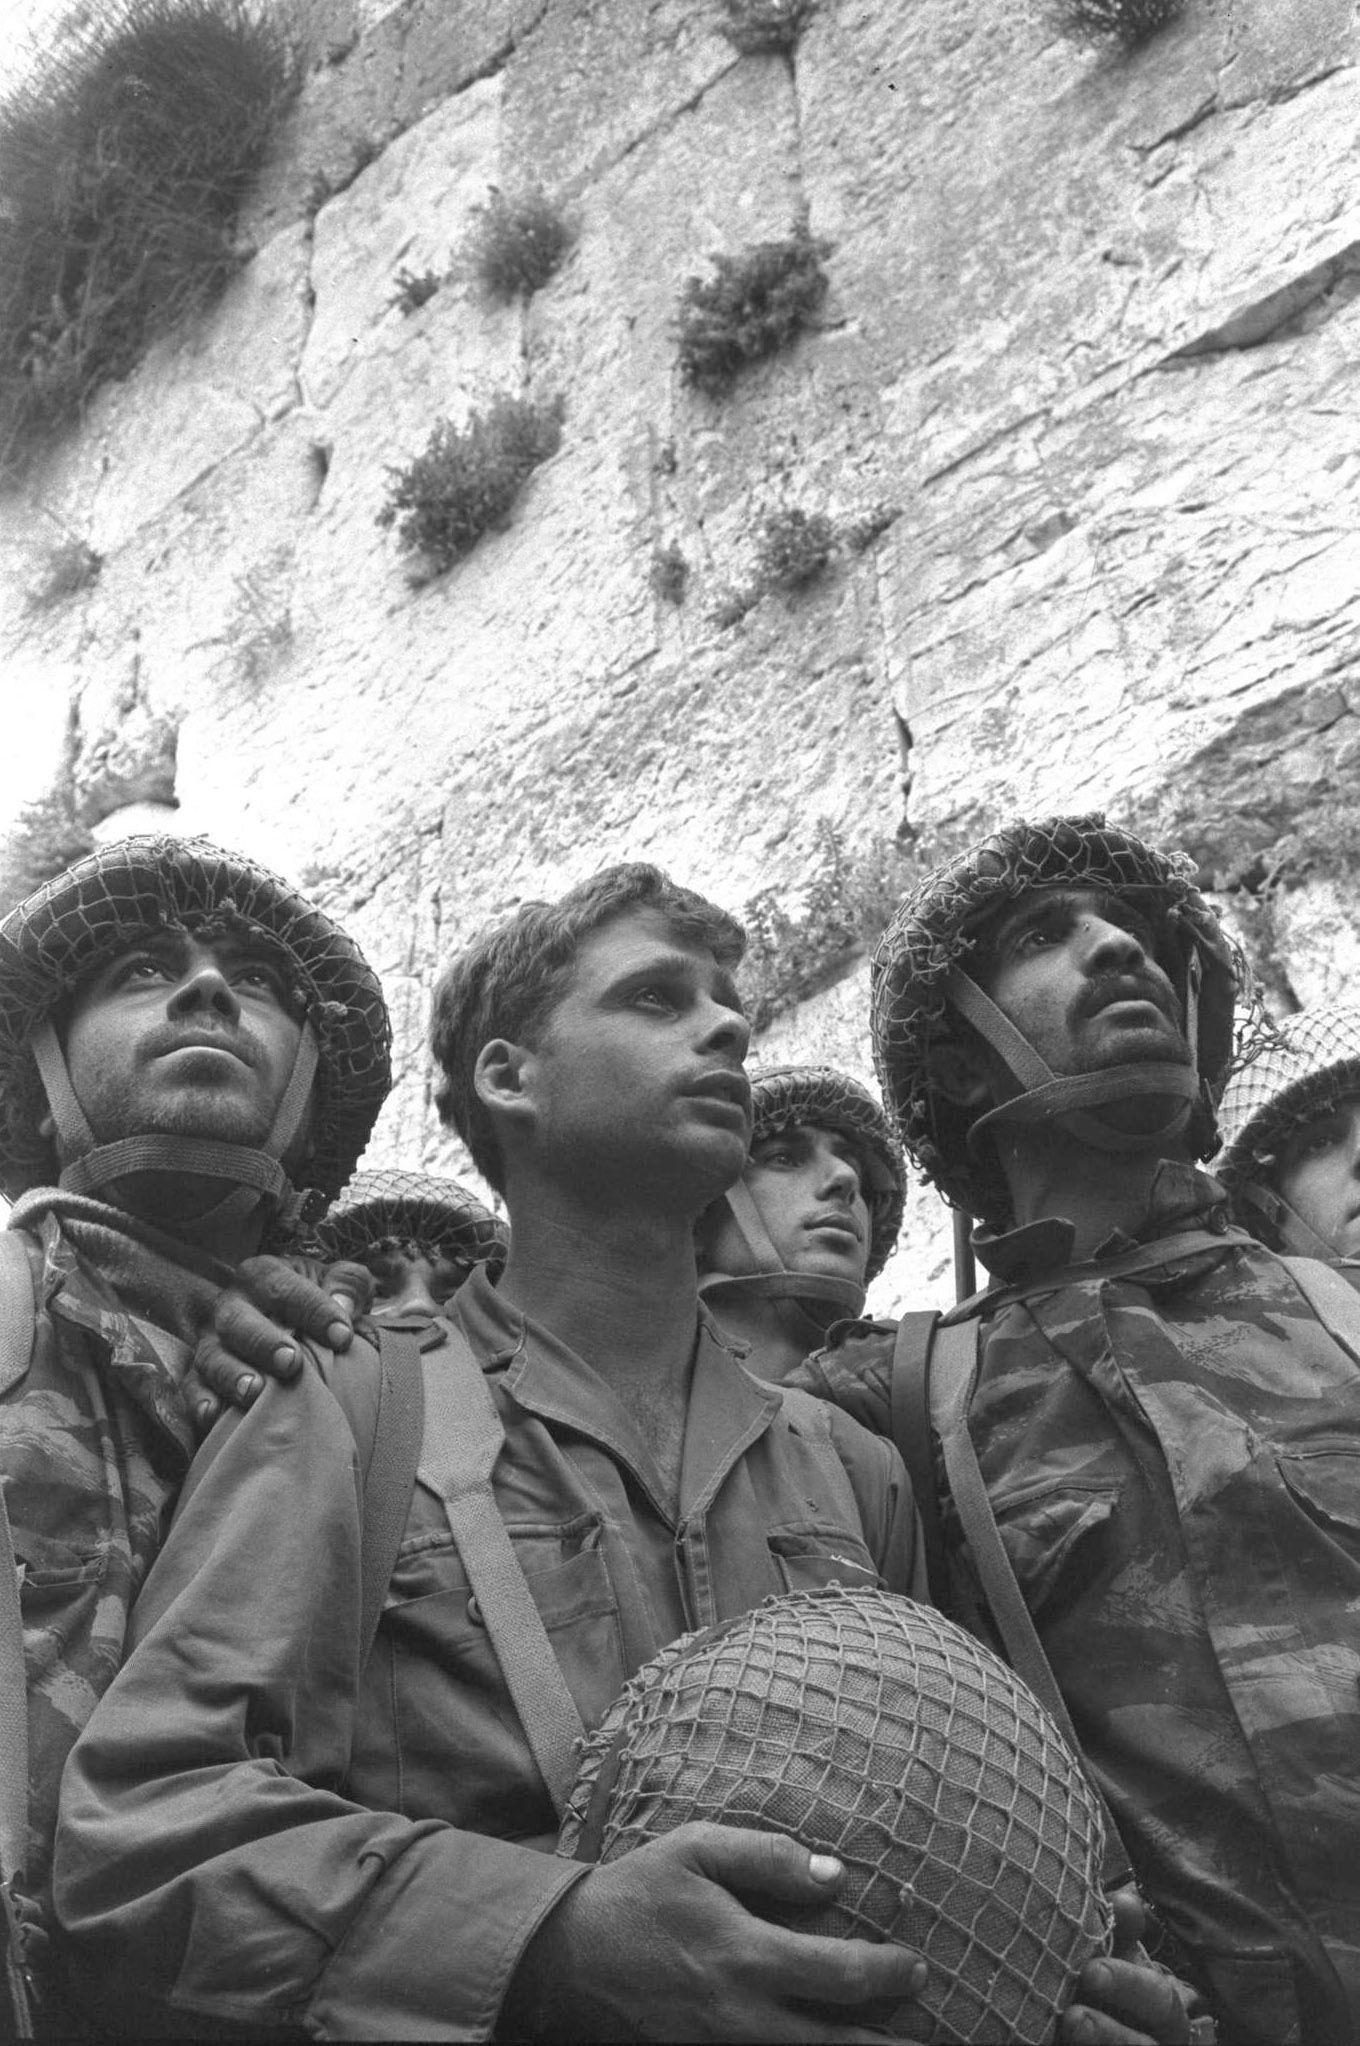 上图:在1967年6月5-10日的六日战争(第三次中东战争)中,站在哭墙旁边的以色列伞兵。犹太人被驱离耶路撒冷将近两千年之后,终于回到了圣殿山。六日战争埃及、叙利亚和约旦联军首先发动的,一开始以色列危在旦夕,但六天之后,以色列却大获全胜,并从约旦手中收复了耶路撒冷旧城和圣殿山。这正如亚十二6所预言的:「『那日,我必使犹大的族长如火盆在木柴中,又如火把在禾捆里;他们必左右烧灭四围列国的民。耶路撒冷人必仍住本处,就是耶路撒冷。」